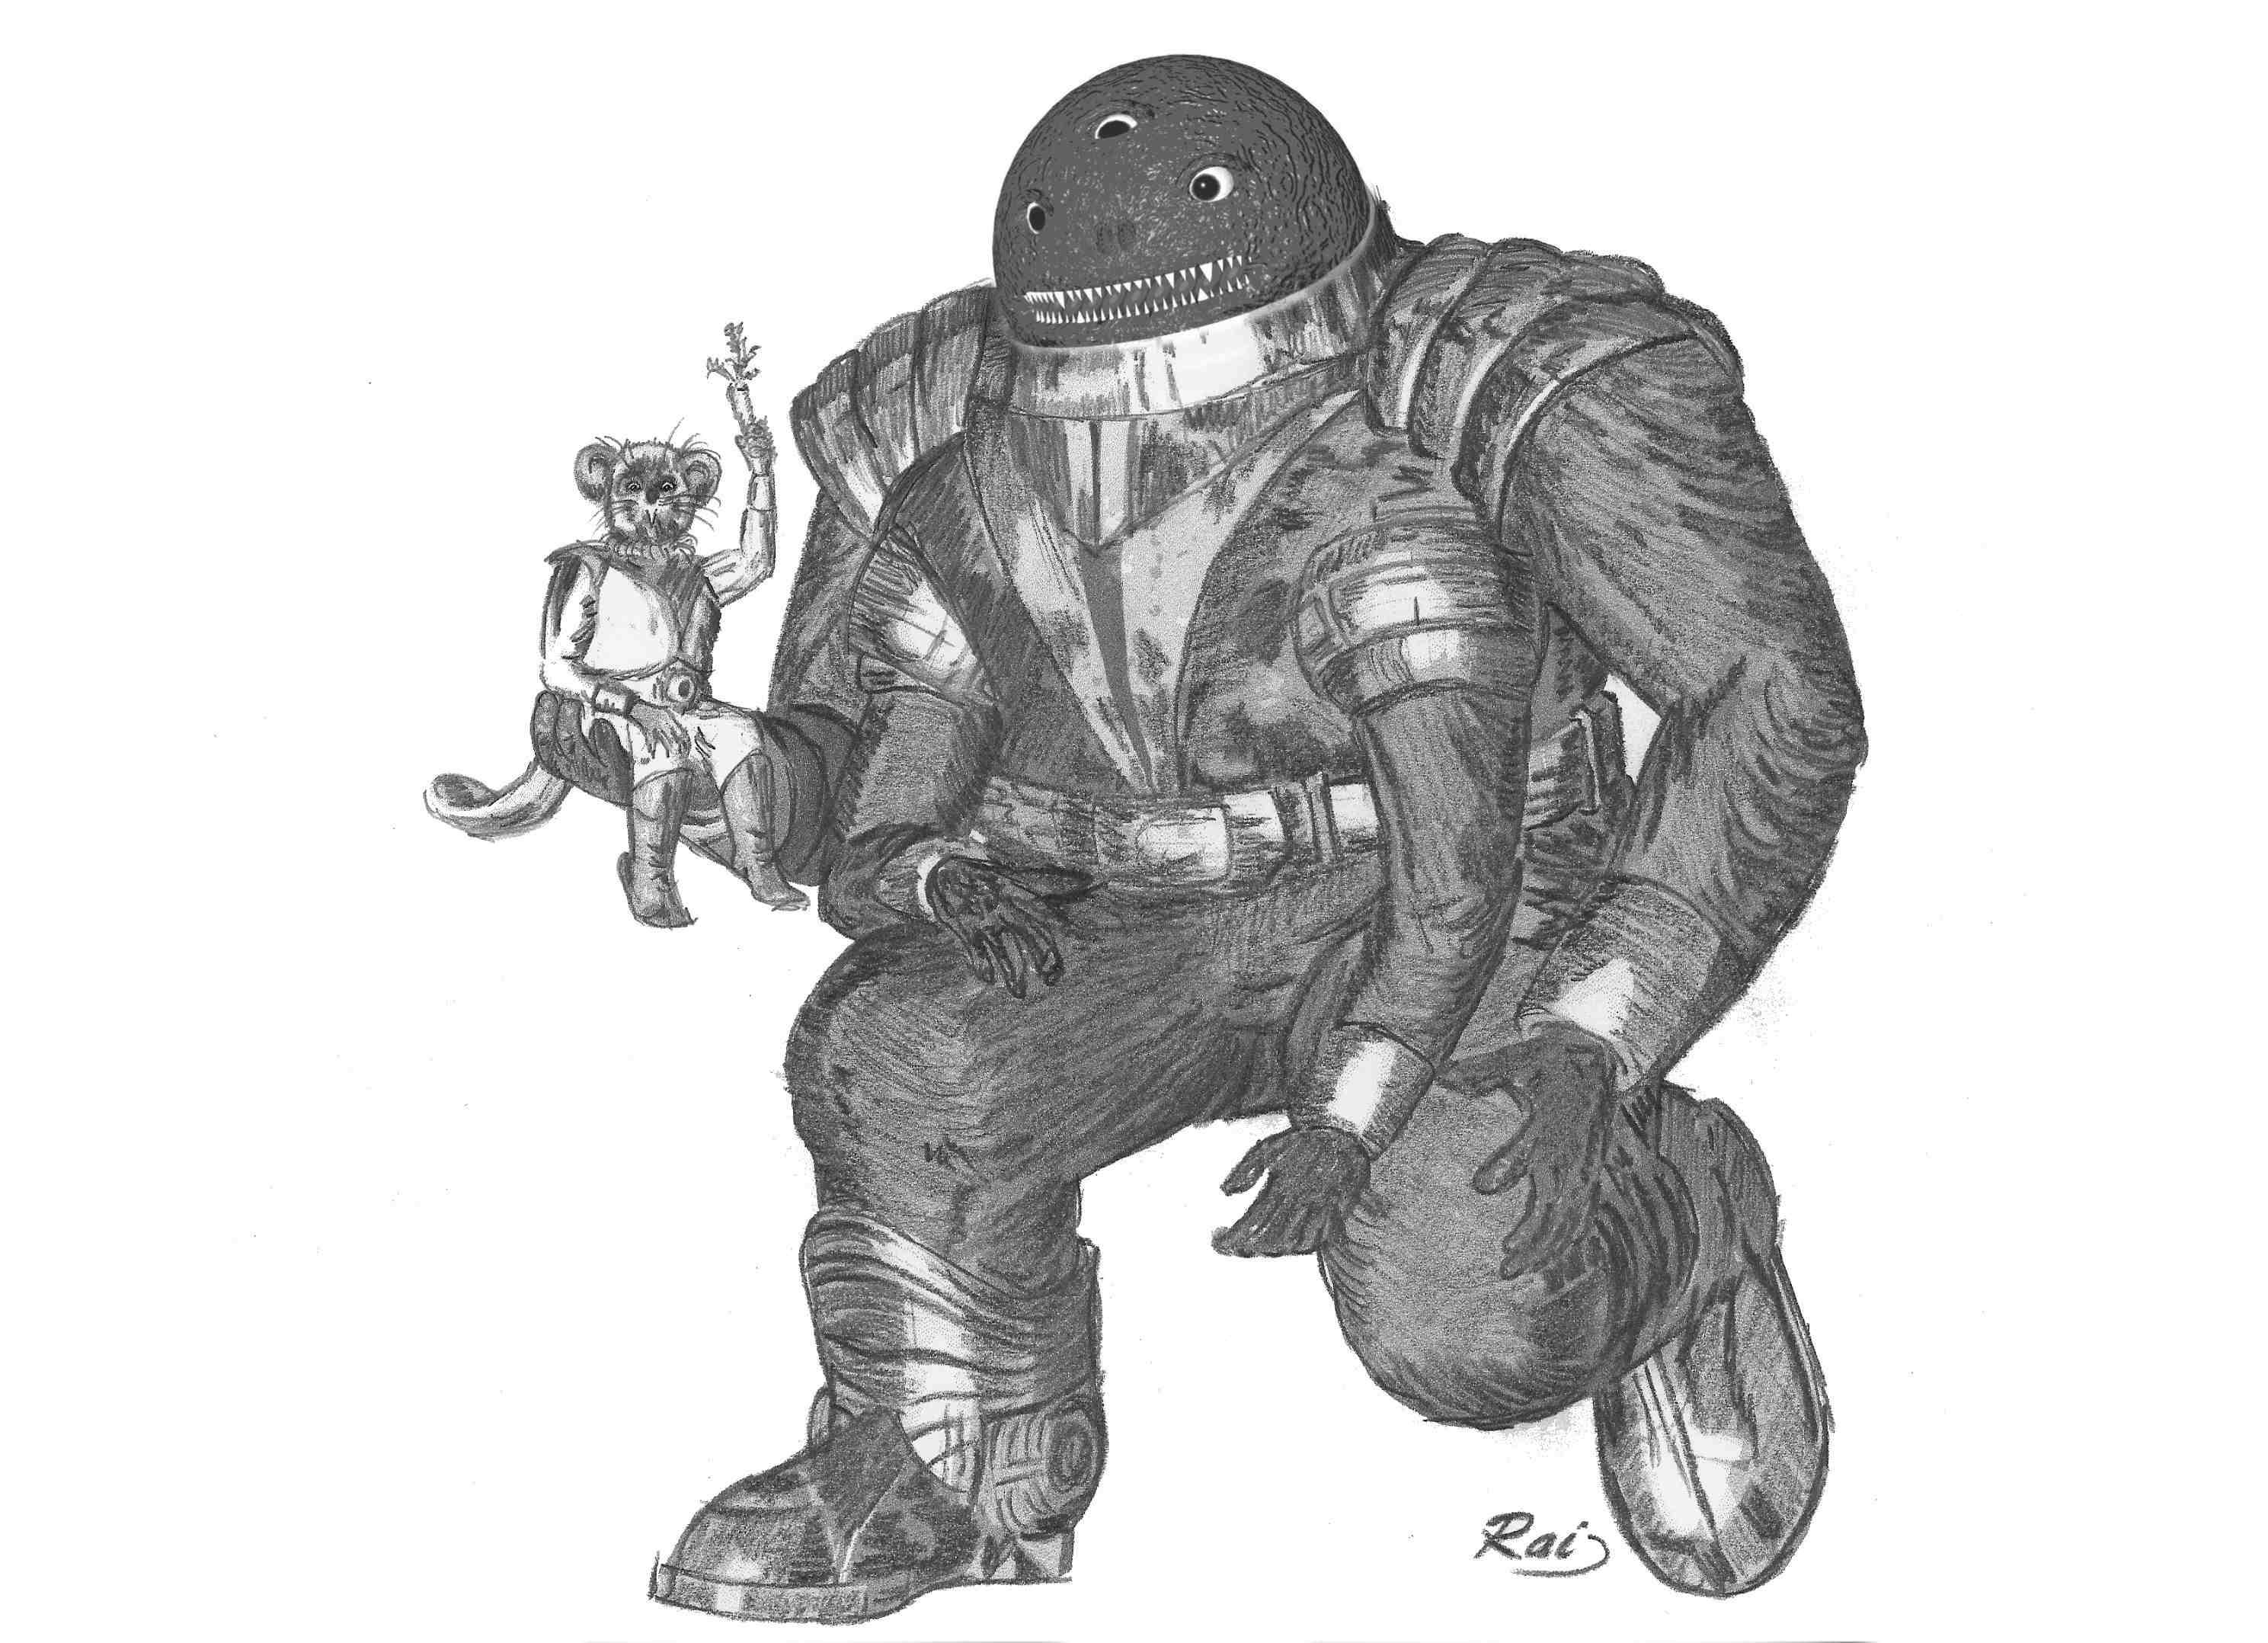 Der Haluter Icho Tolot entdeckt das havarierte Raumschiff der dabrifanischen Agenten Juki Leann und Darren Zitarra.  Der Mausbiber ist in seinem Element und legt sich sogar mit dem exzentrischen Wissenschaftler Renier Bievre an.  (C) Raimund Peter